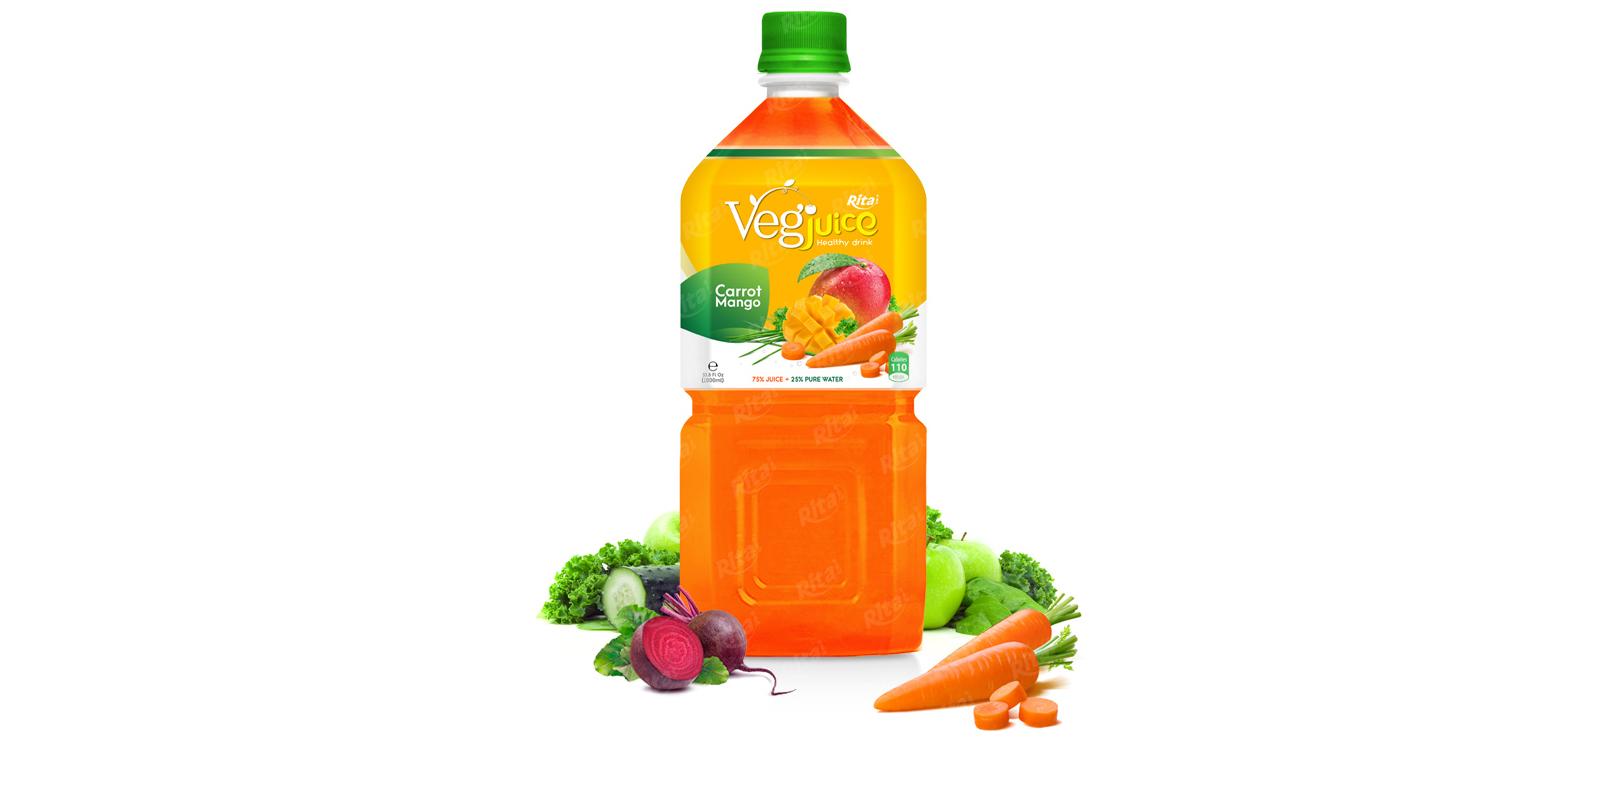 Rita vegetable carot mango